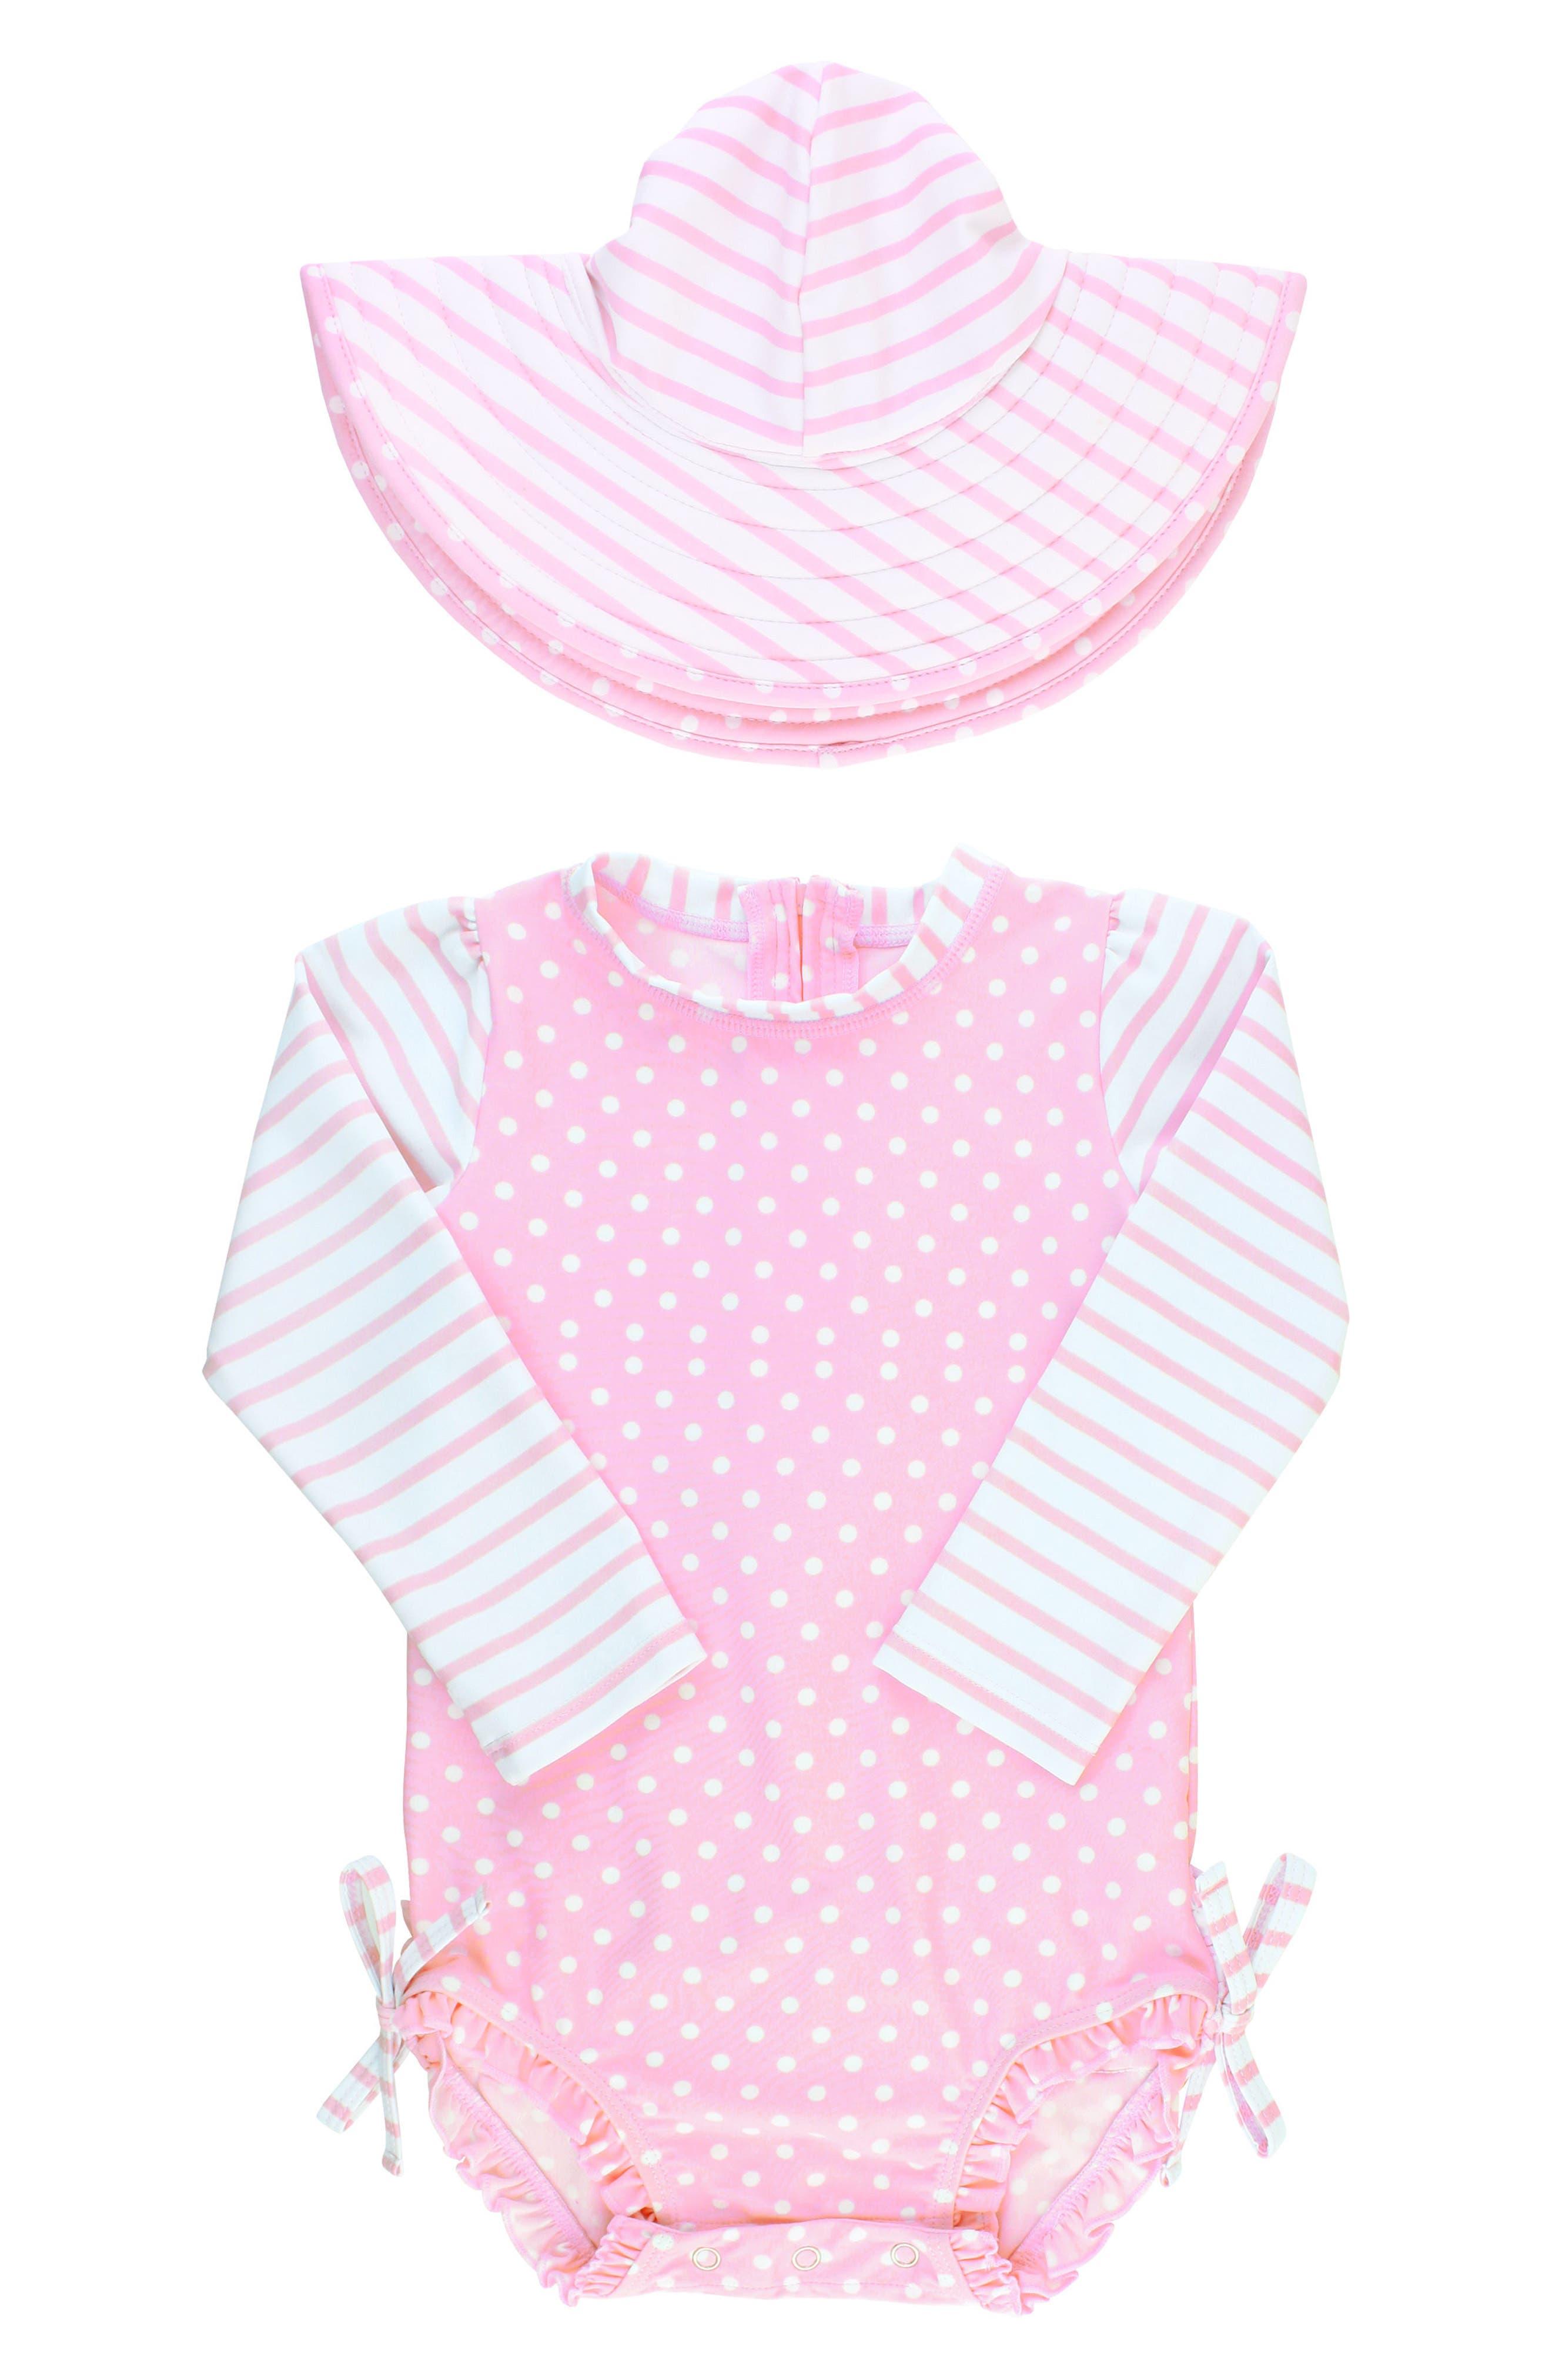 Main Image - Ruffle Butts Polka Dot One-Piece Rashguard Swimsuit & Sun Hat Set (Baby Girls)